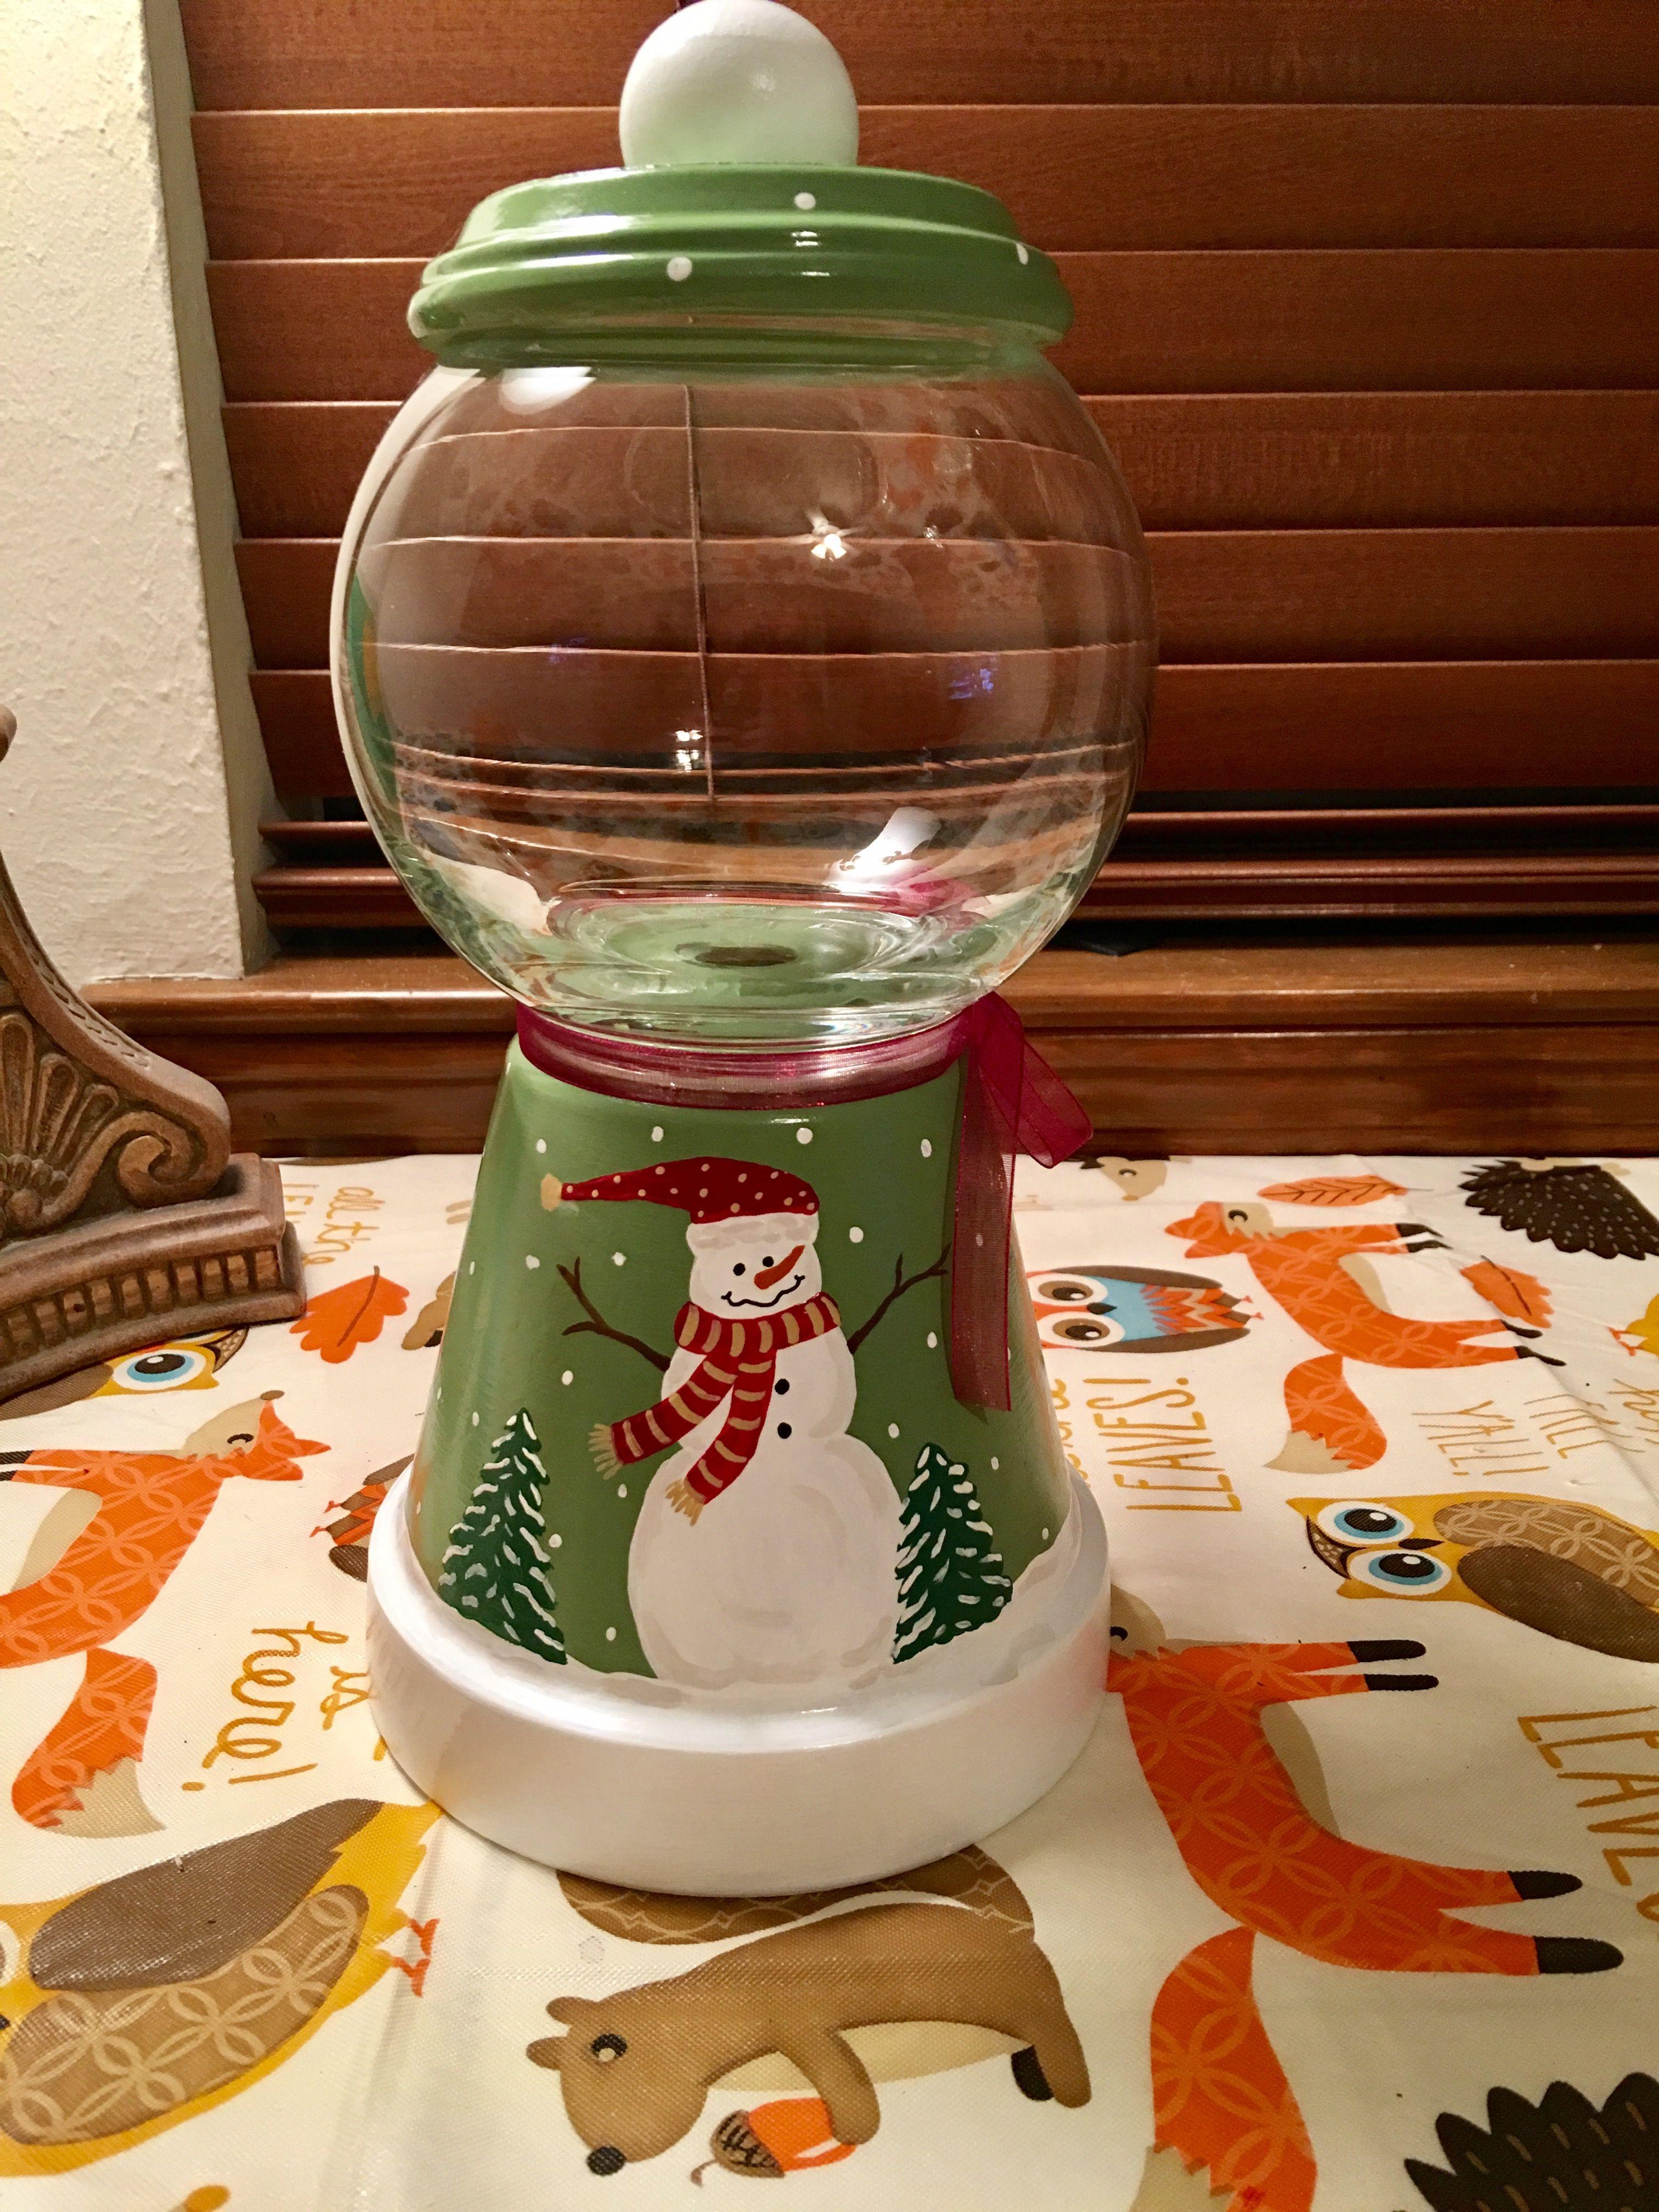 Snowman Terra Cotta Pot Christmas Candy Jar Christmas Candy Jars Candy Jars Diy Terra Cotta Pot Crafts